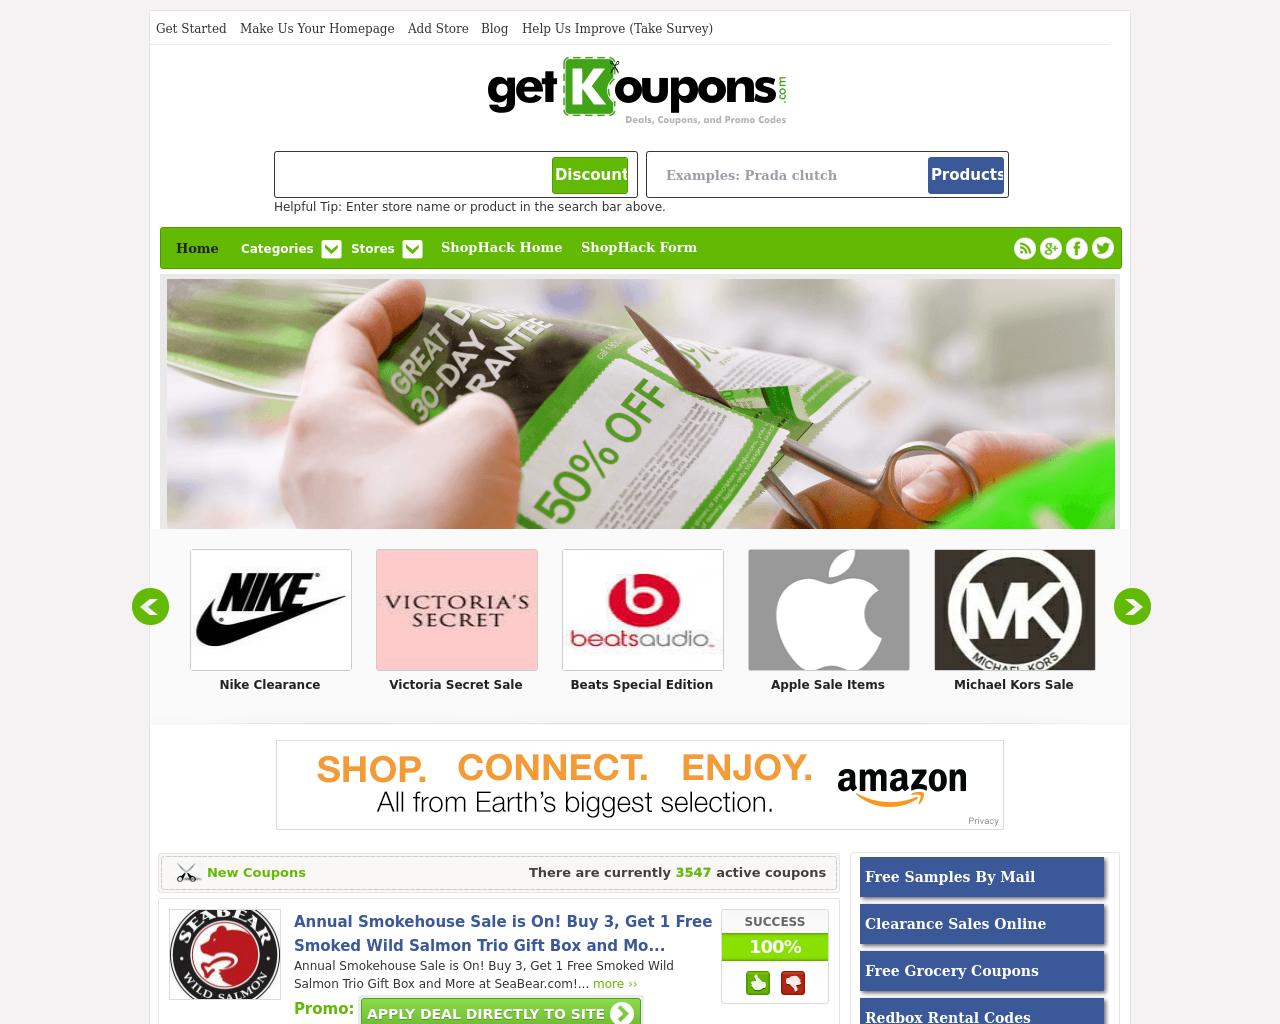 Get-Koupons-Advertising-Reviews-Pricing